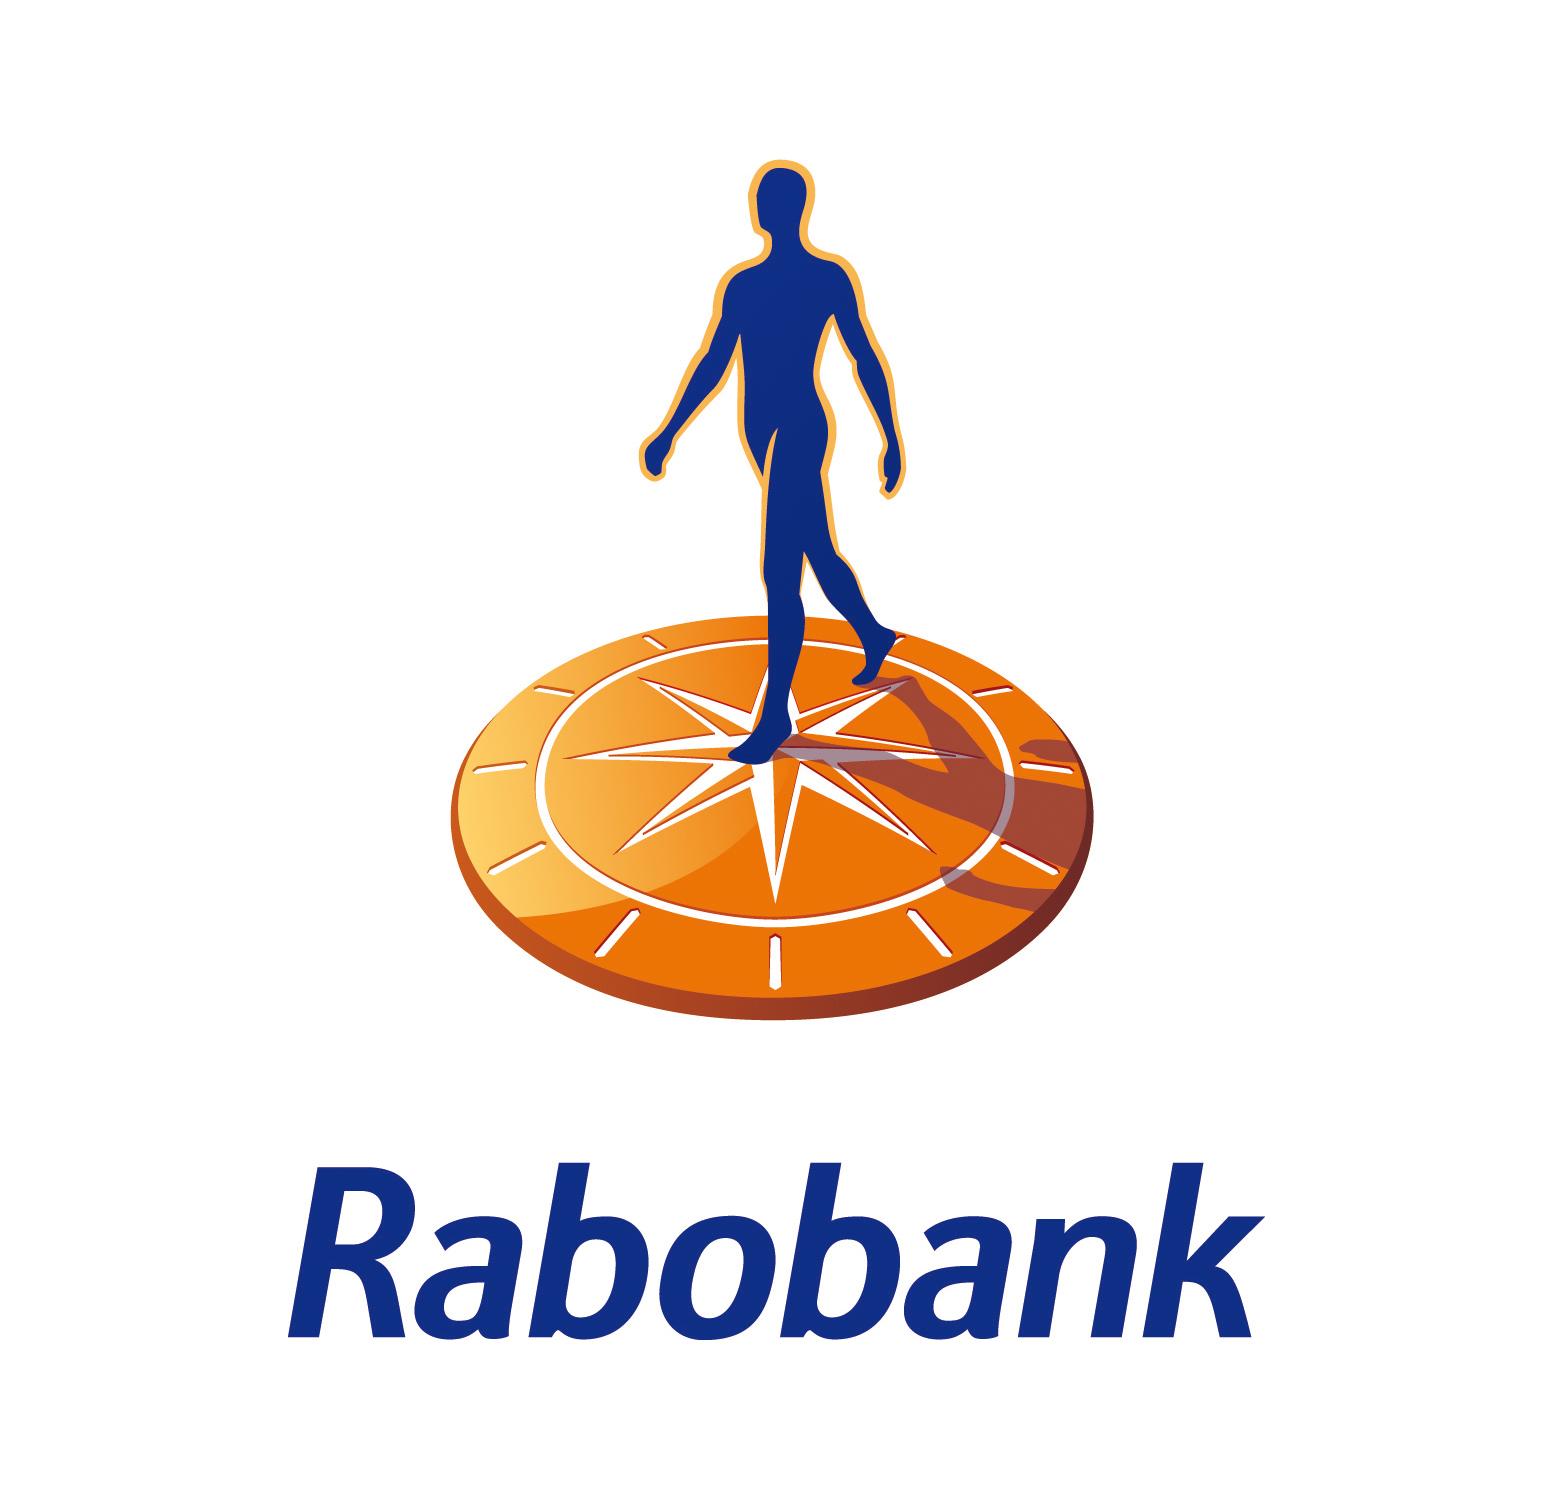 Hypotheek Rabobank